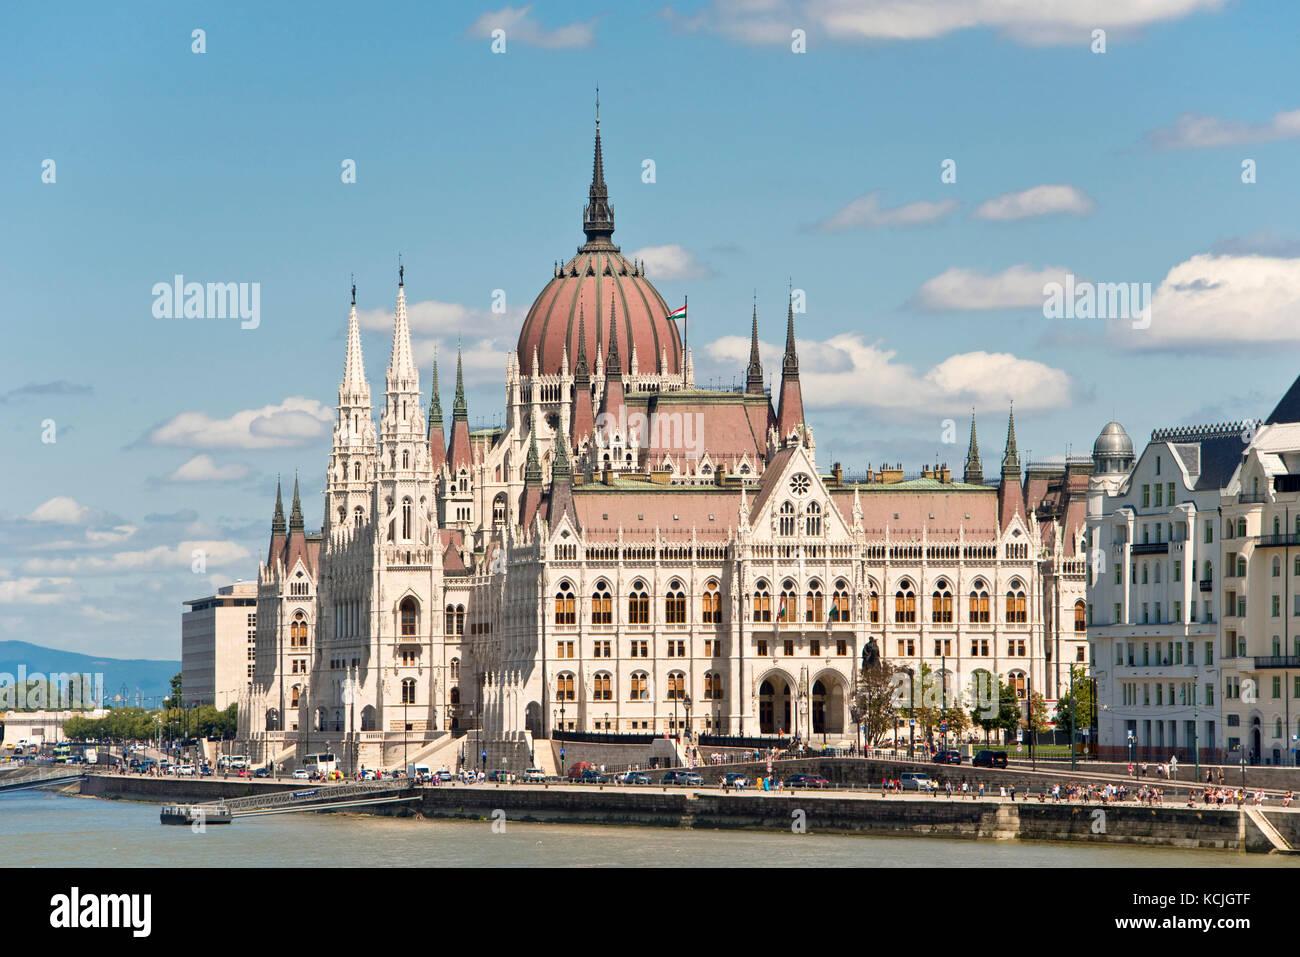 Una vista del parlamento ungherese edificio sul fiume Danubio a Budapest in una giornata di sole con cielo blu. Immagini Stock